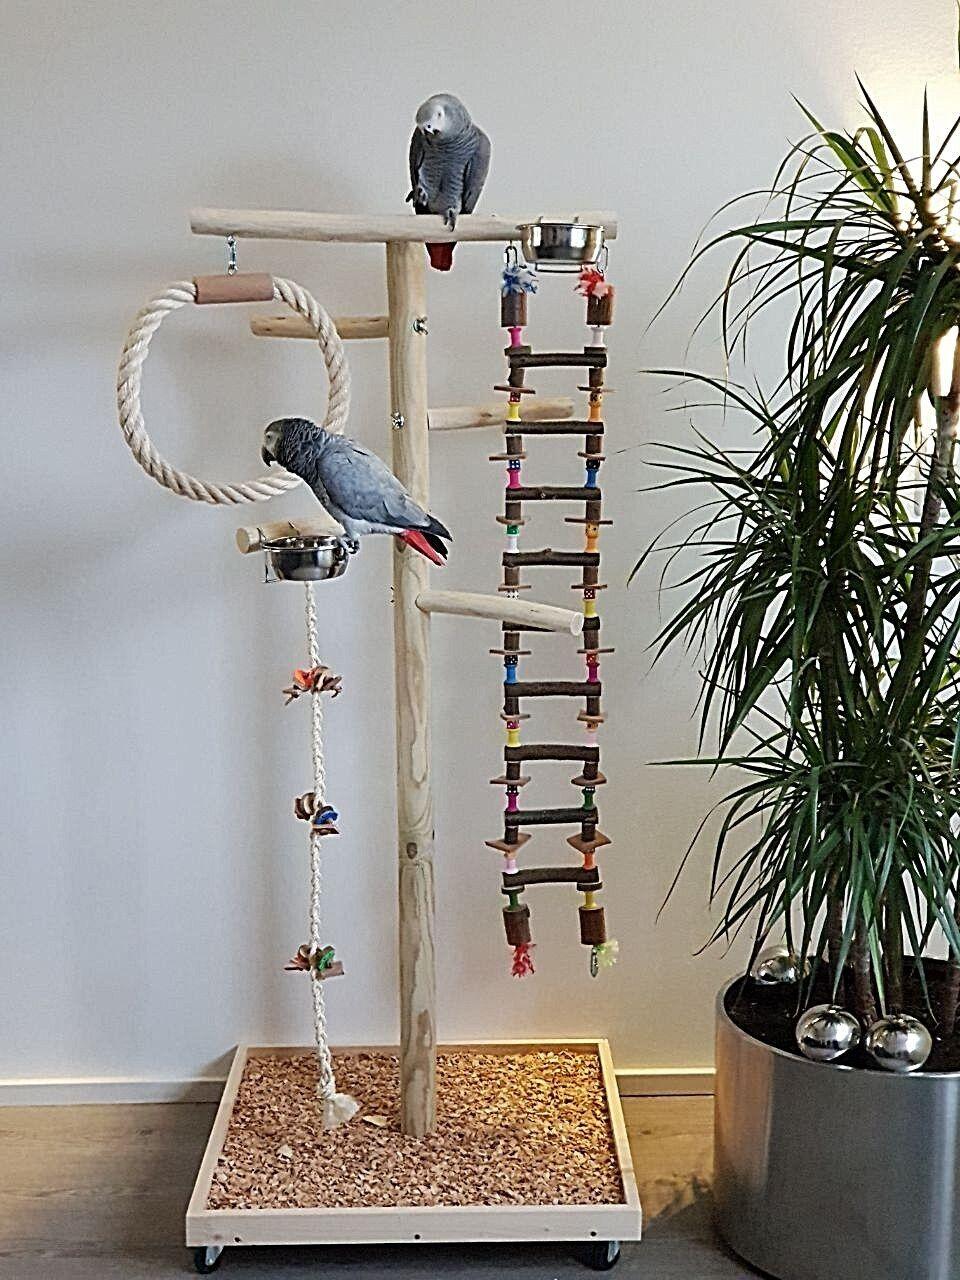 SEDILE liberamente in legno pappagalli liberamente sede ponte sospeso arrampicata PAPPAGALLI giocattoli